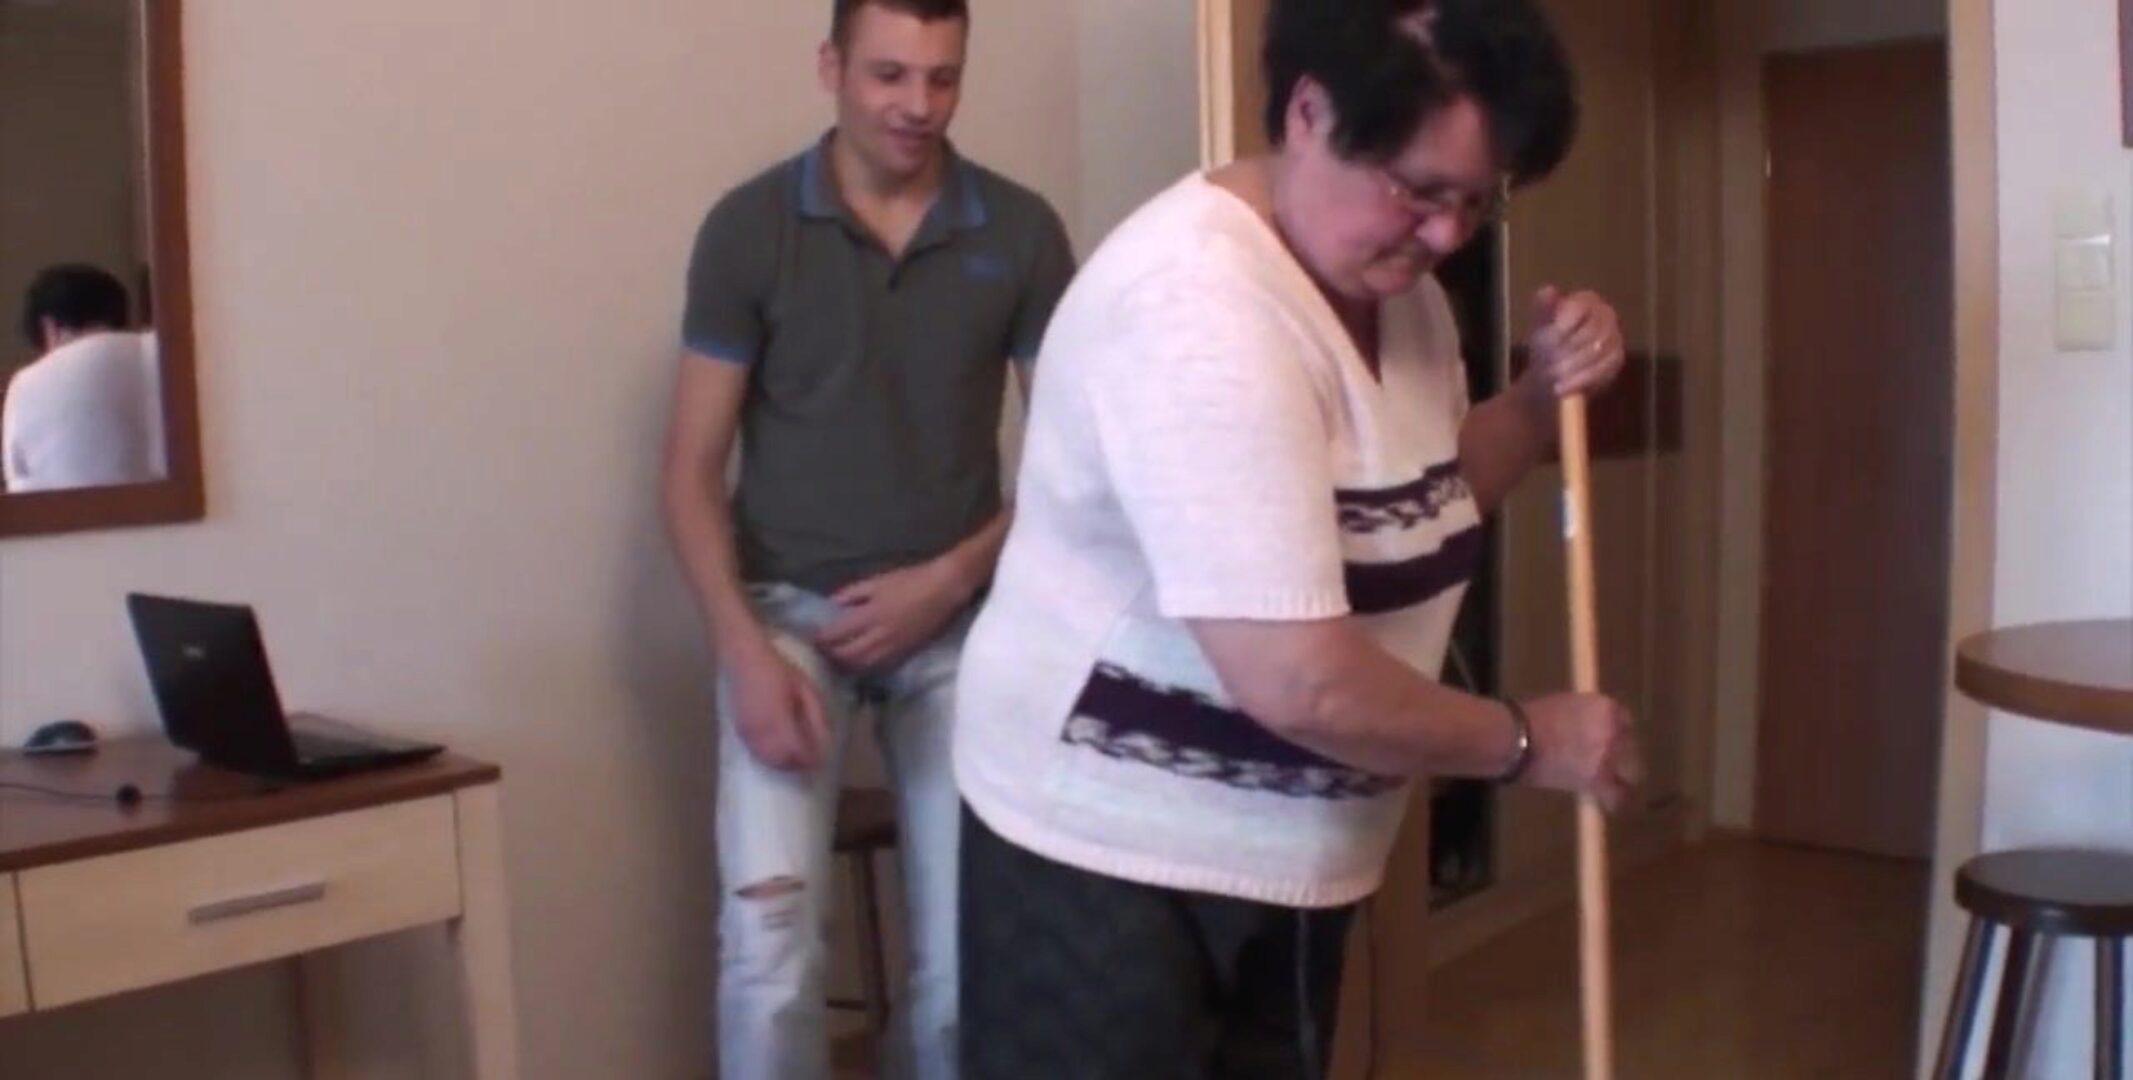 Oma porno enkel Enkel Oma